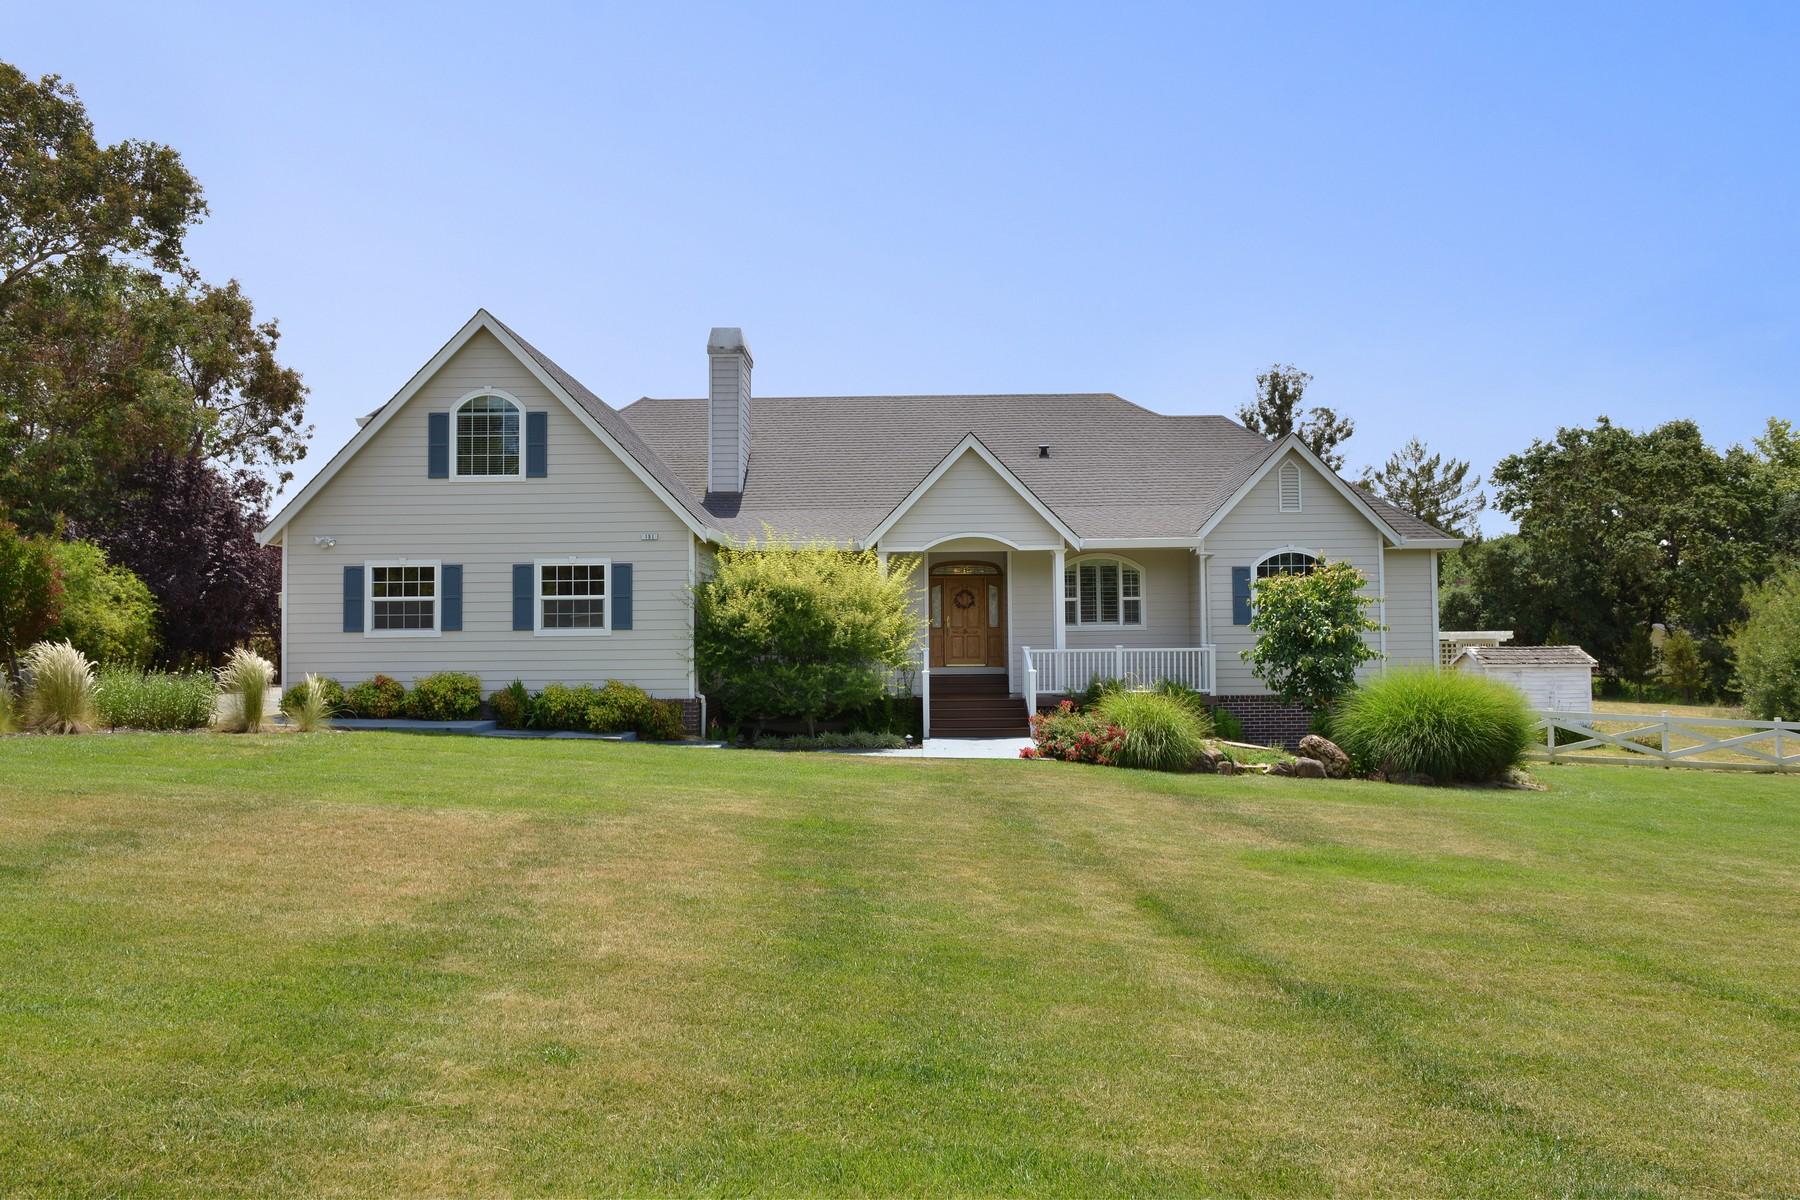 独户住宅 为 销售 在 151 Harris Hills Sebastopol, 加利福尼亚州 95472 美国